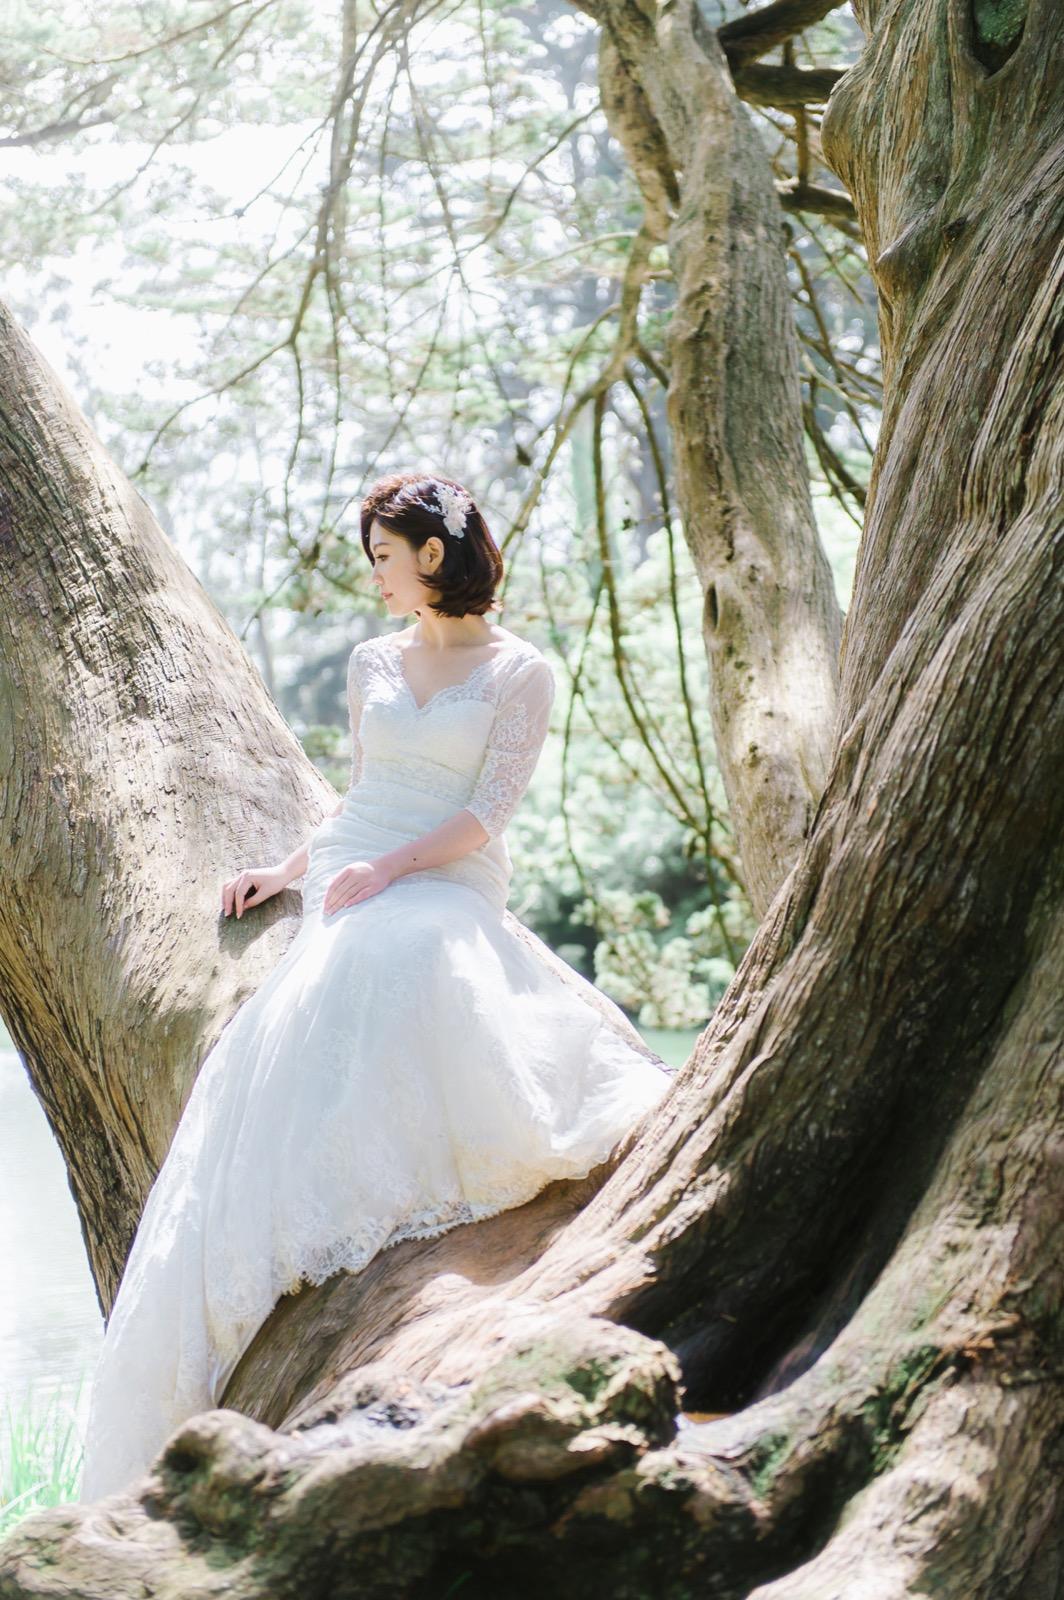 美式婚紗拍攝美式婚紗拍攝_D4S7498